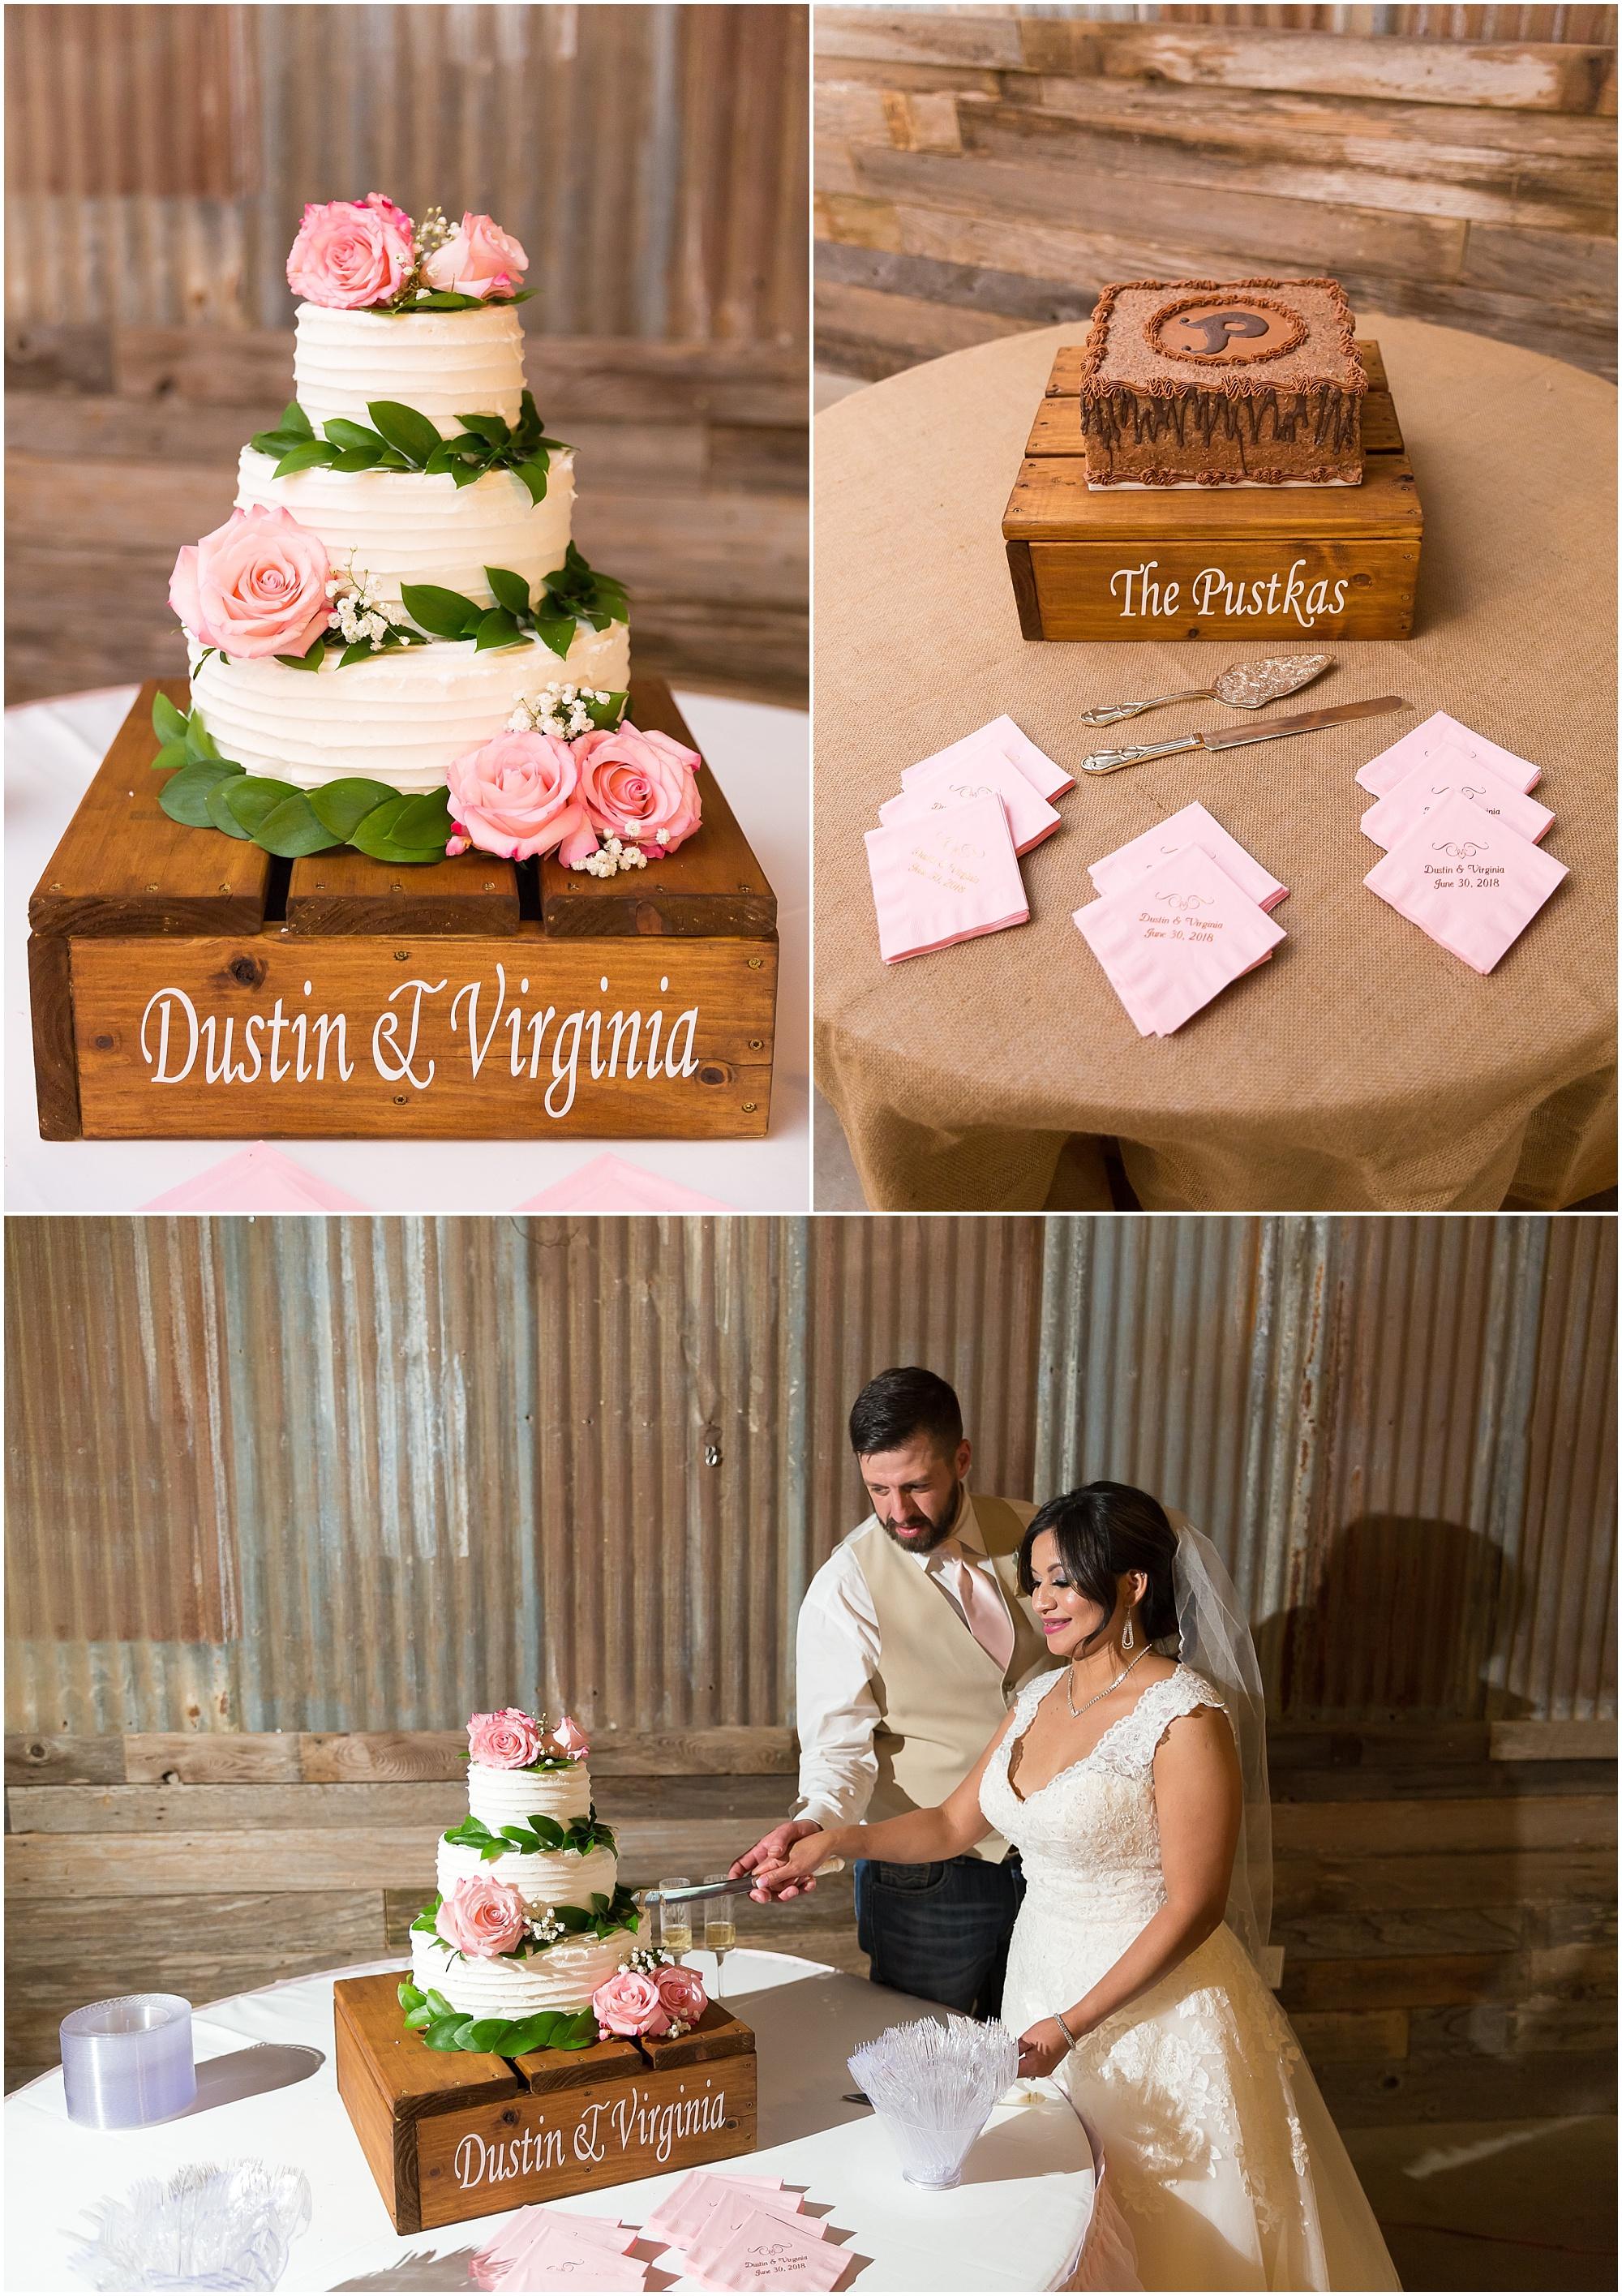 White buttercream wedding cake with pink roses and greenery - Jason & Melaina Photography - www.jasonandmelaina.com